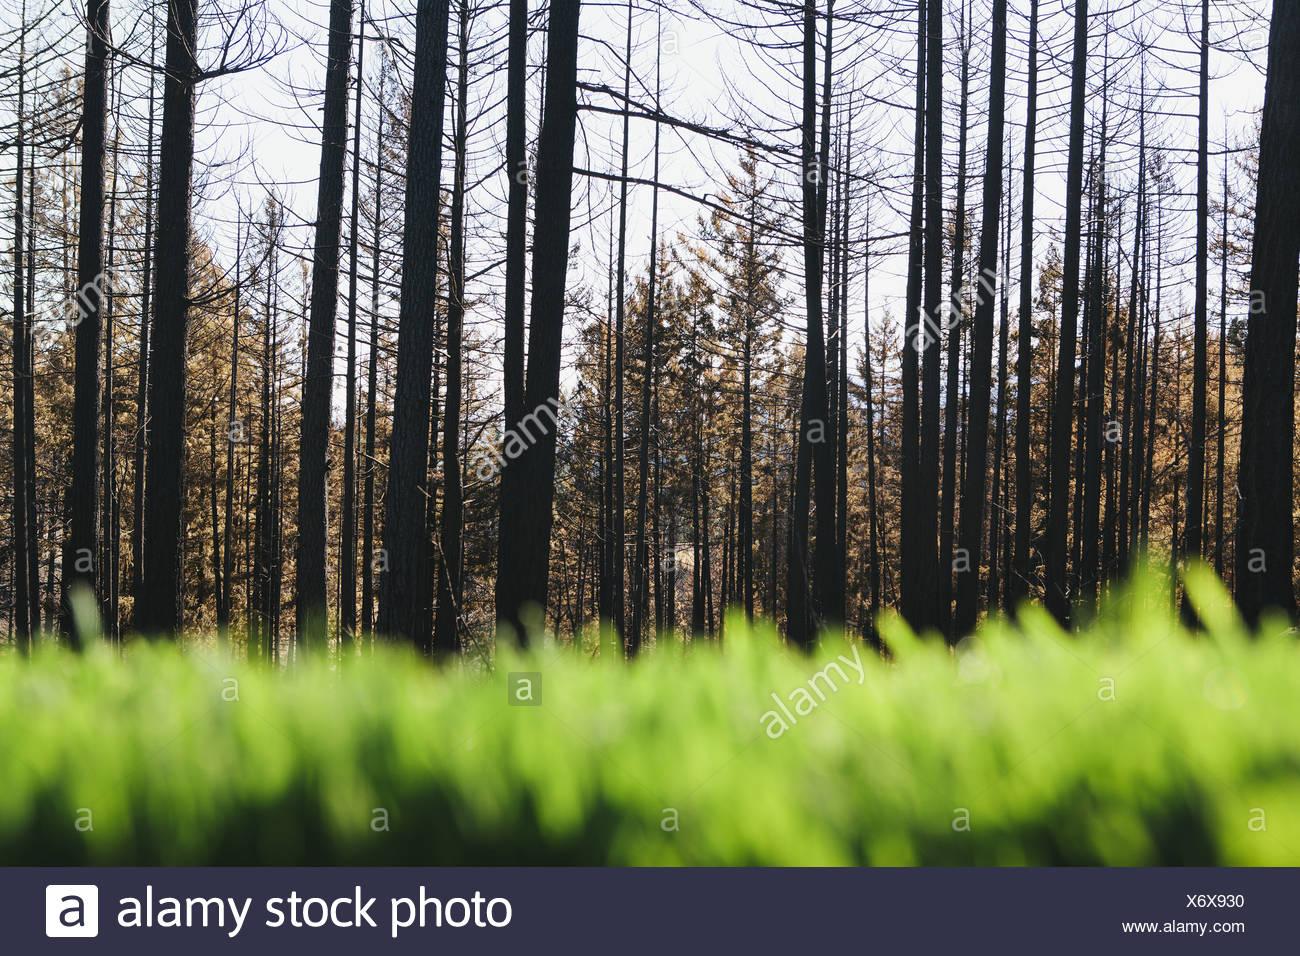 Washington State USA üppigen grünen Rasen verbrannt vor kurzem Wald Stockbild